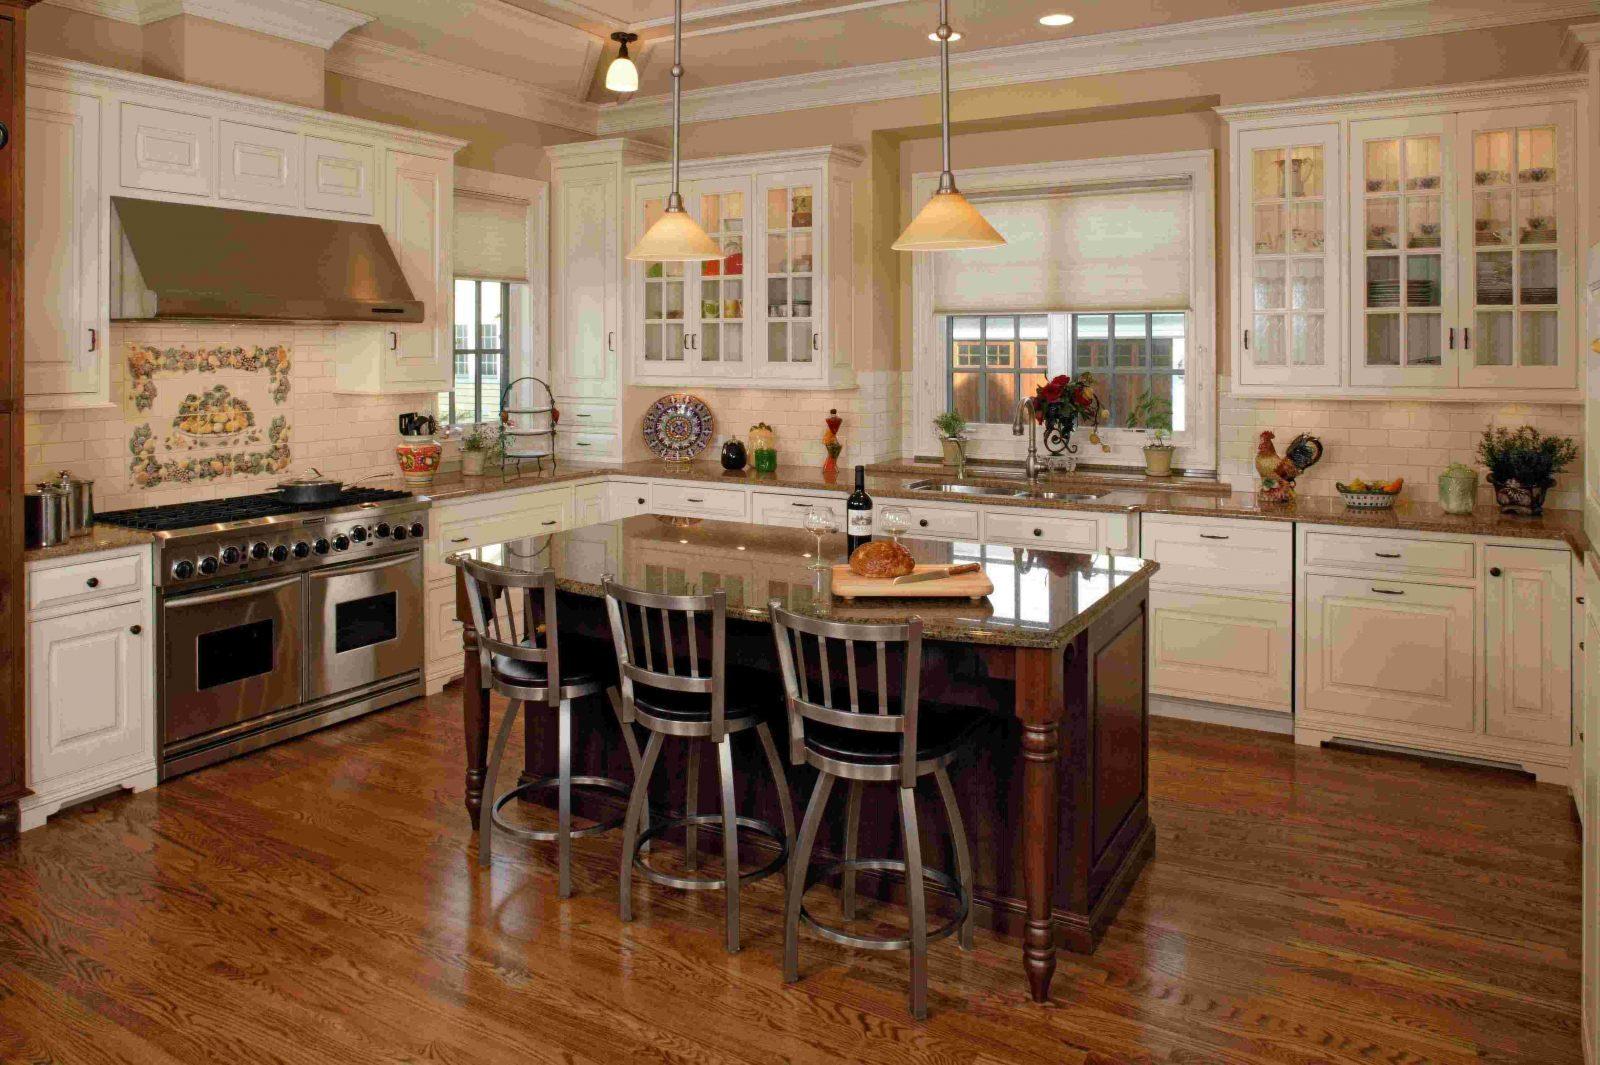 Cocina r stica con muebles de madera im genes y fotos - Cocinas rusticas de madera ...